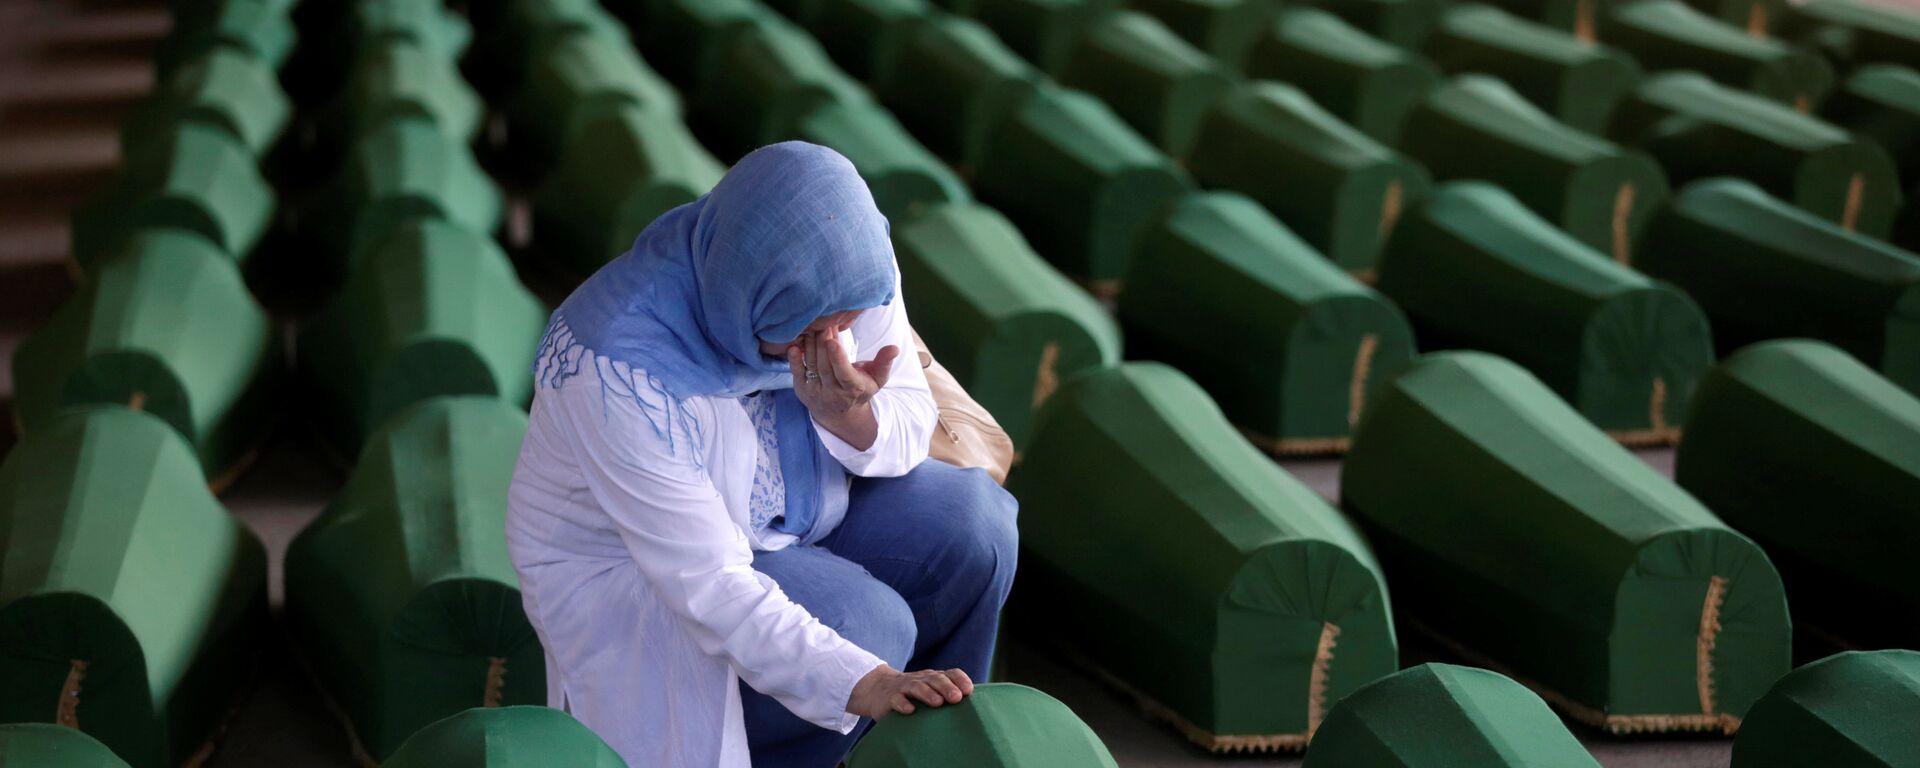 Обележавање 21. године злочина у Сребреници 11.07.2016.  - Sputnik Србија, 1920, 22.07.2021